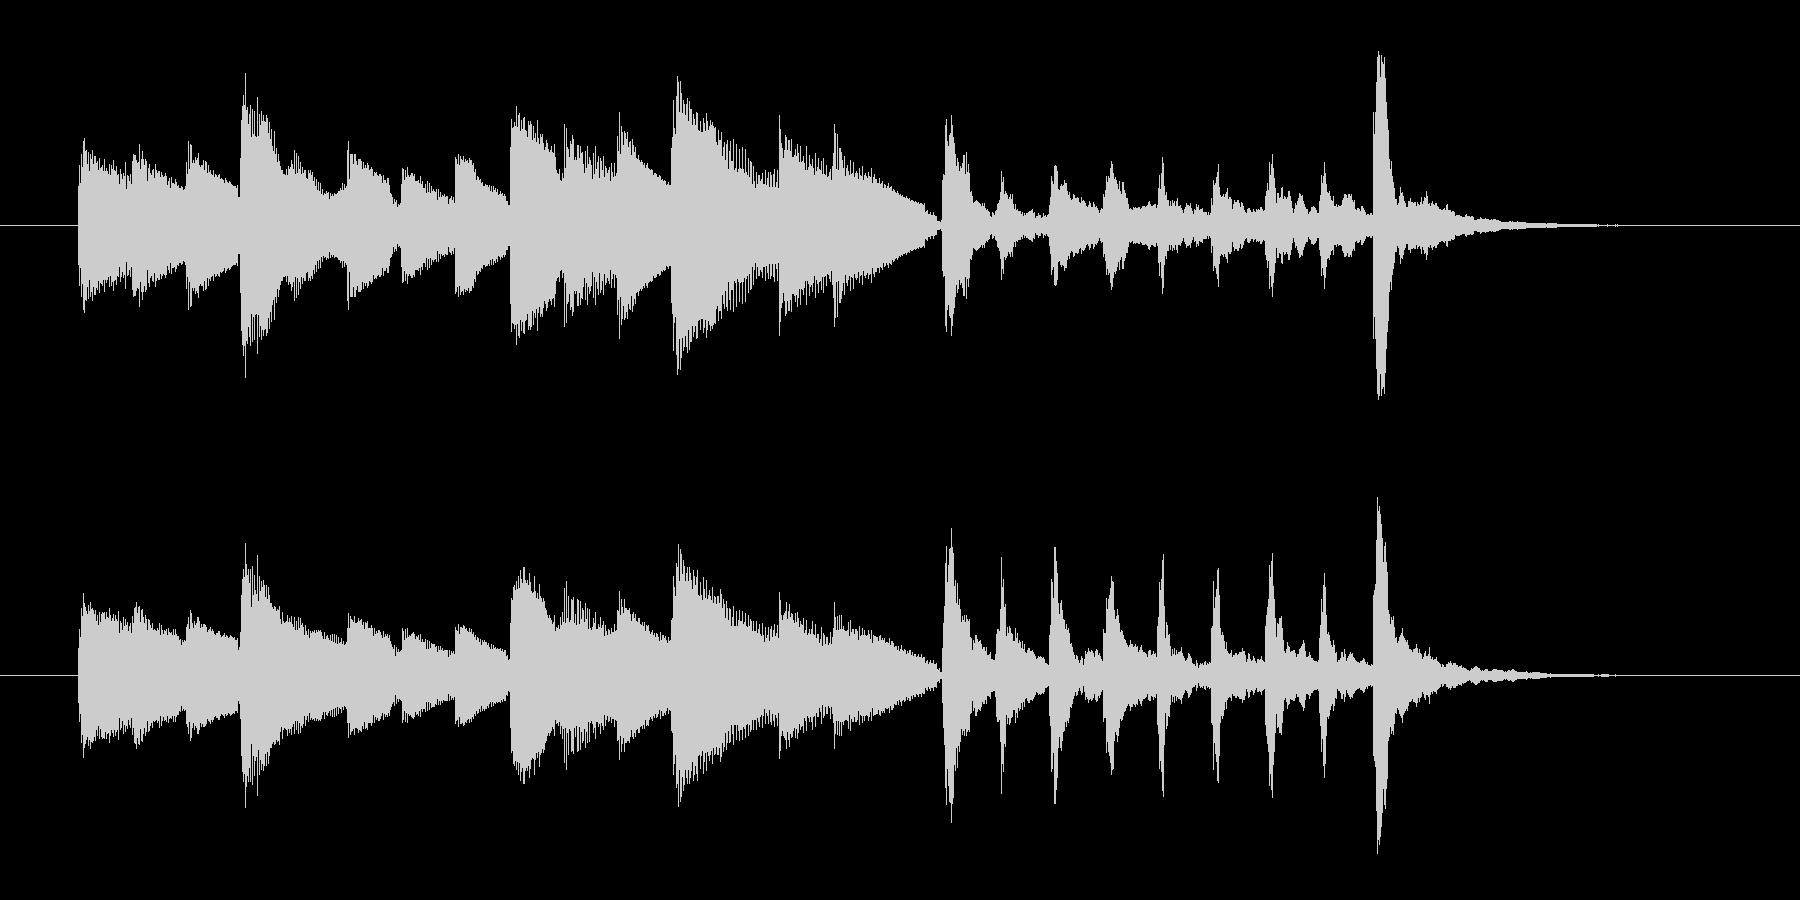 オルゴールのような優しいメロディのポップの未再生の波形